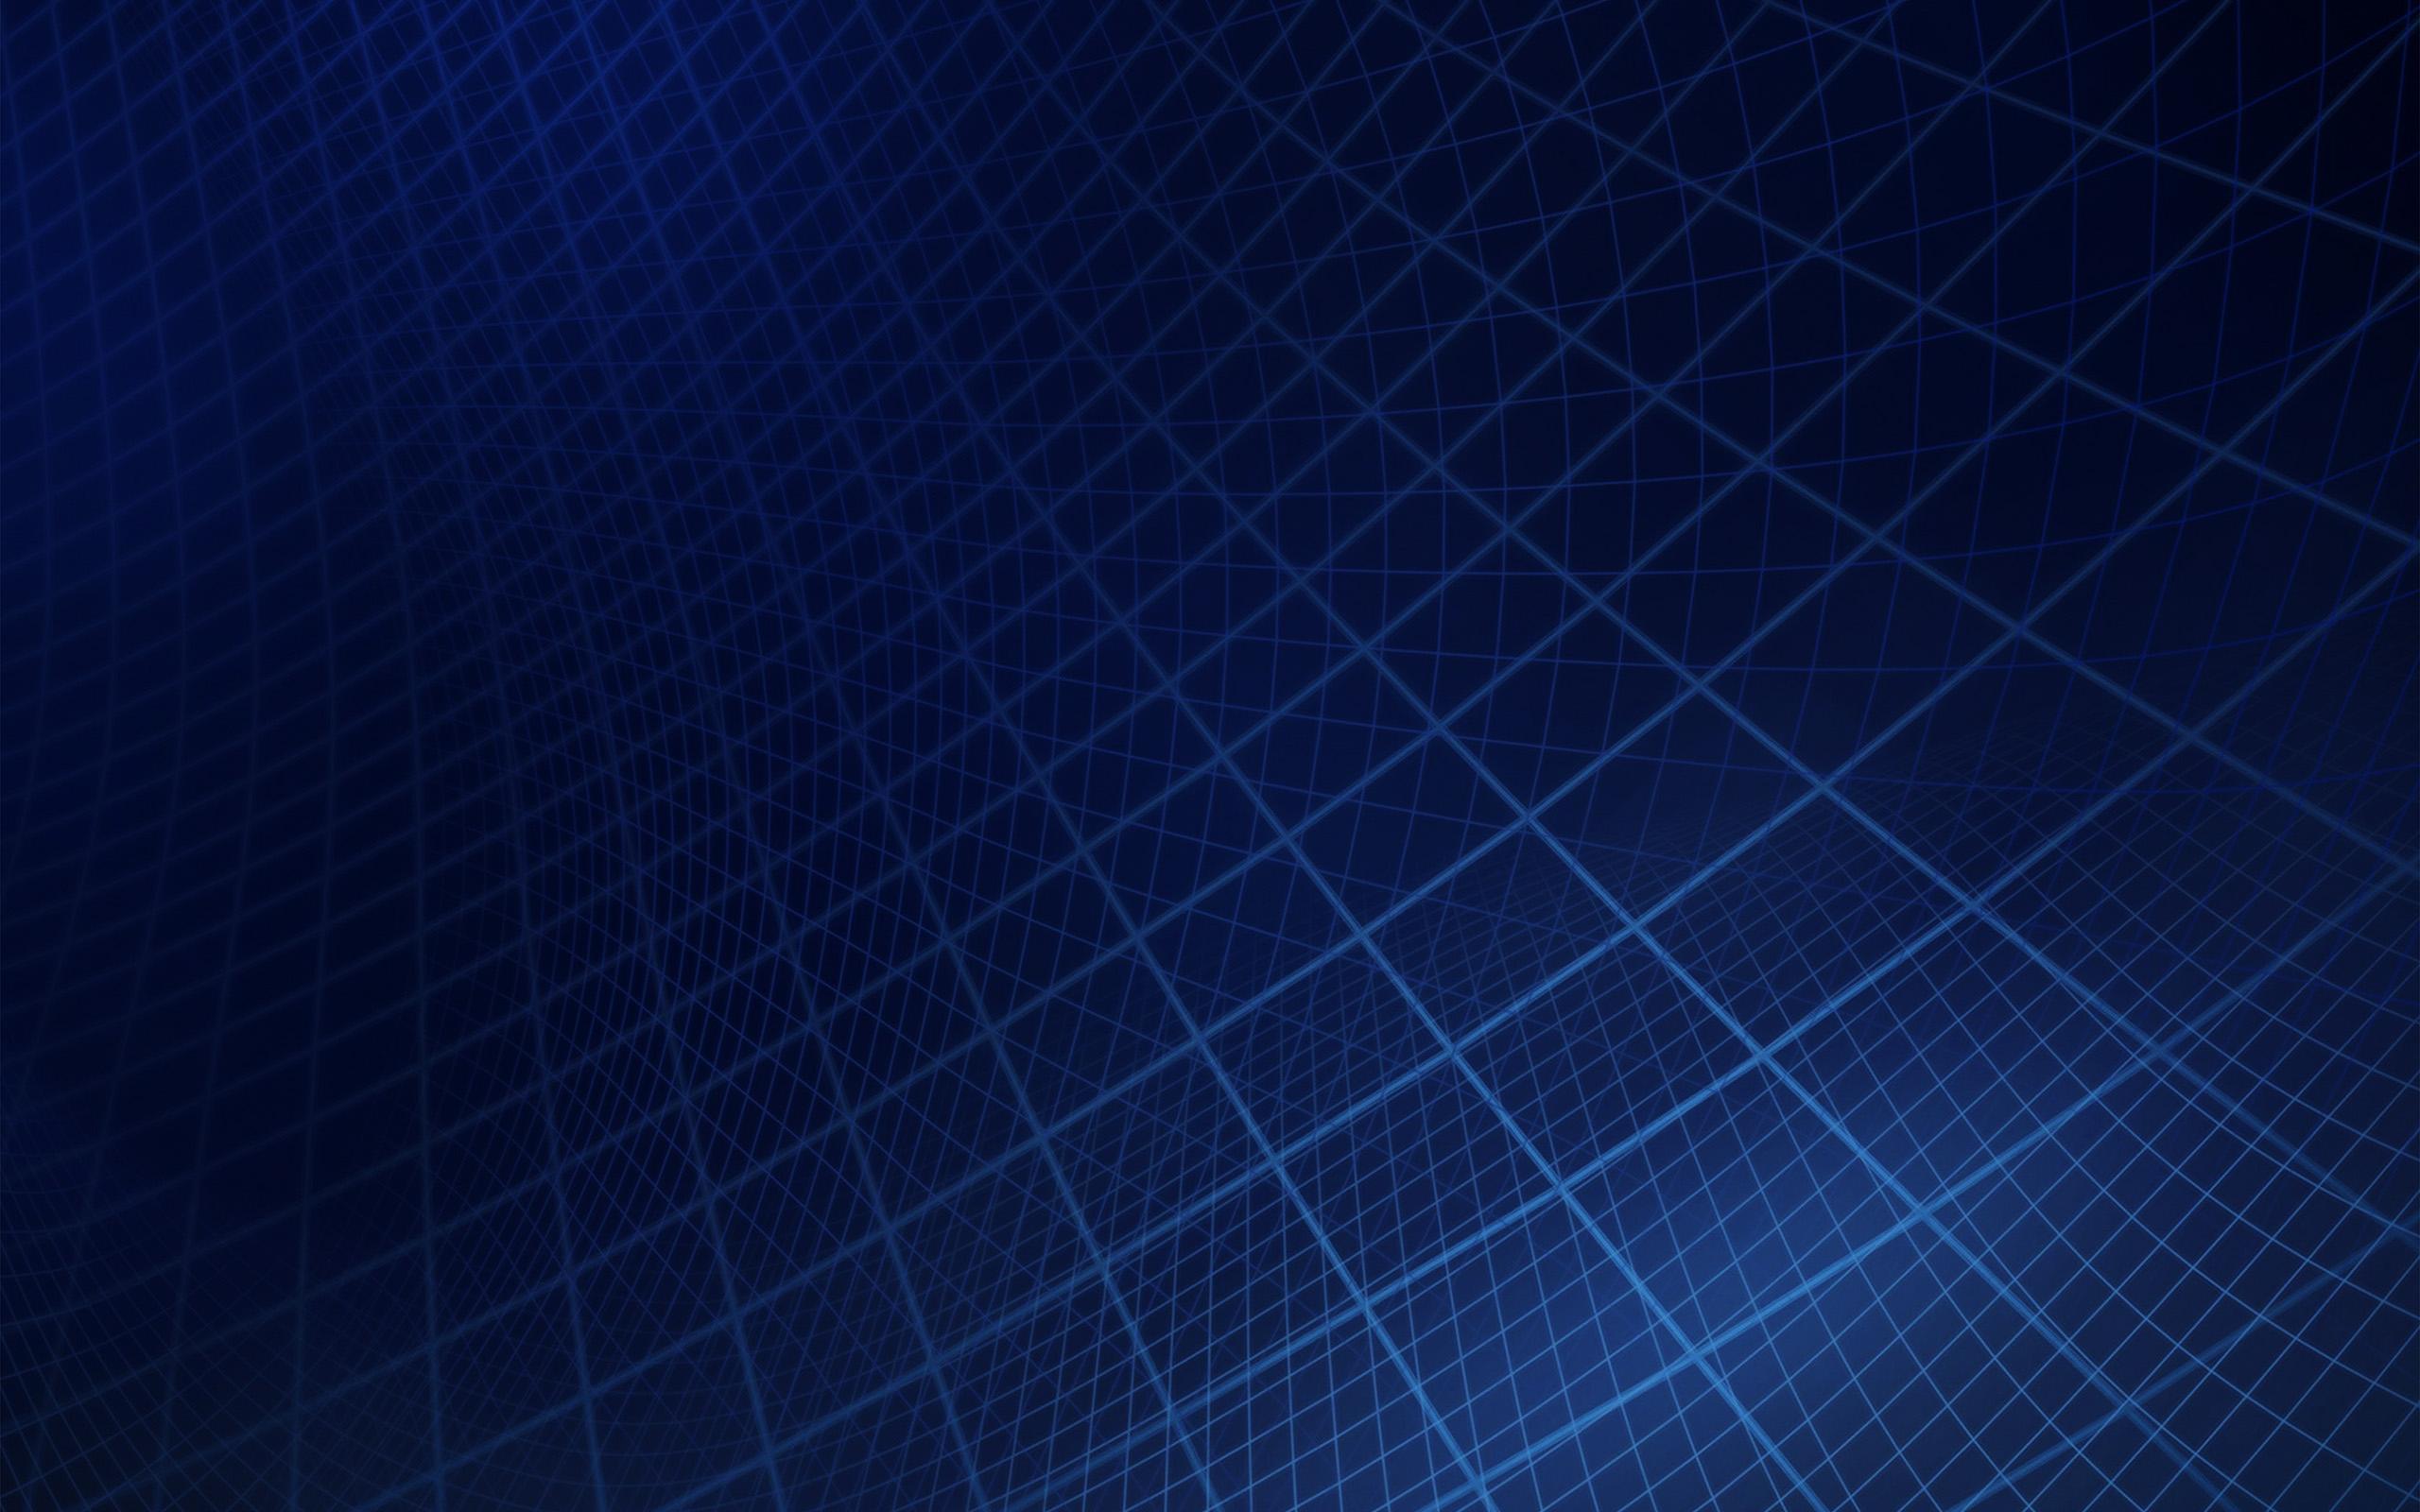 Cute Disney Ipad Wallpaper Vt16 Abstract Line Digital Dark Blue Pattern Wallpaper